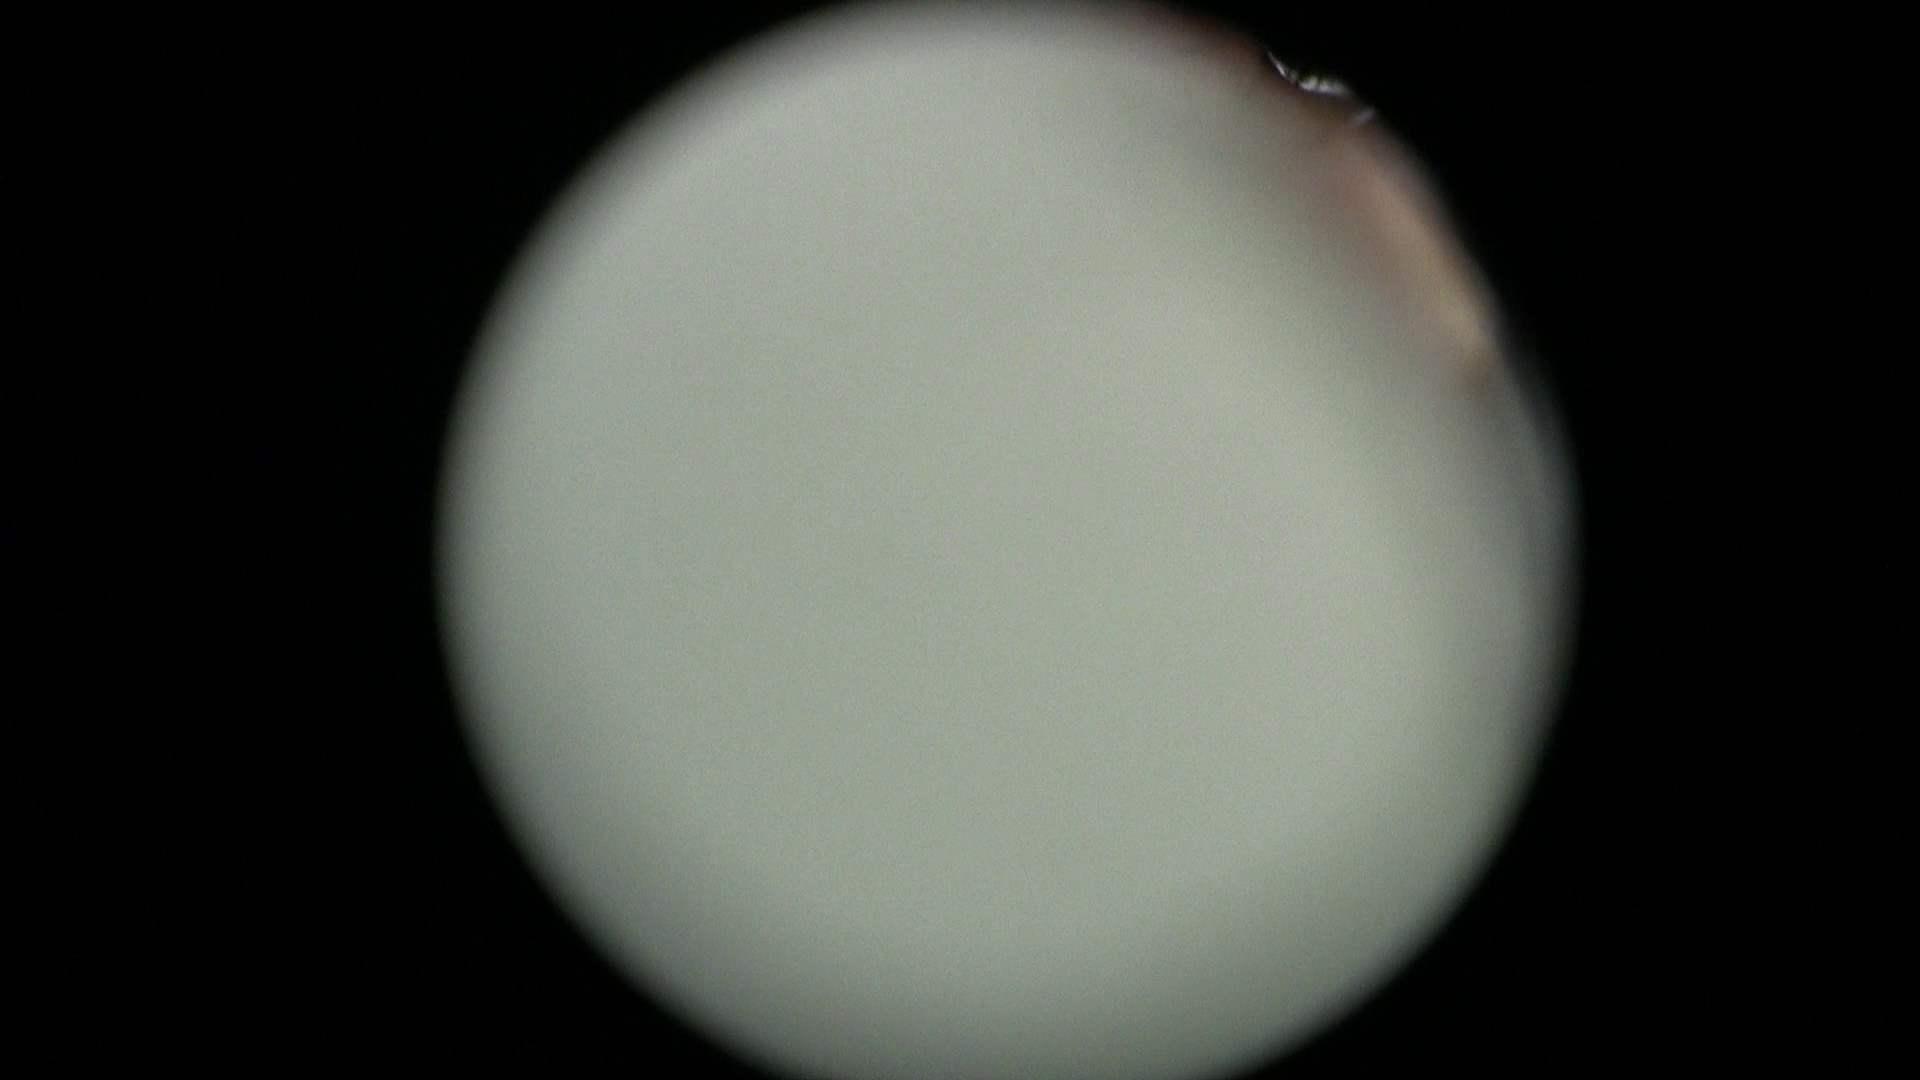 NO.23 色白巨乳嬢×2 巨乳 セックス画像 103PIX 31